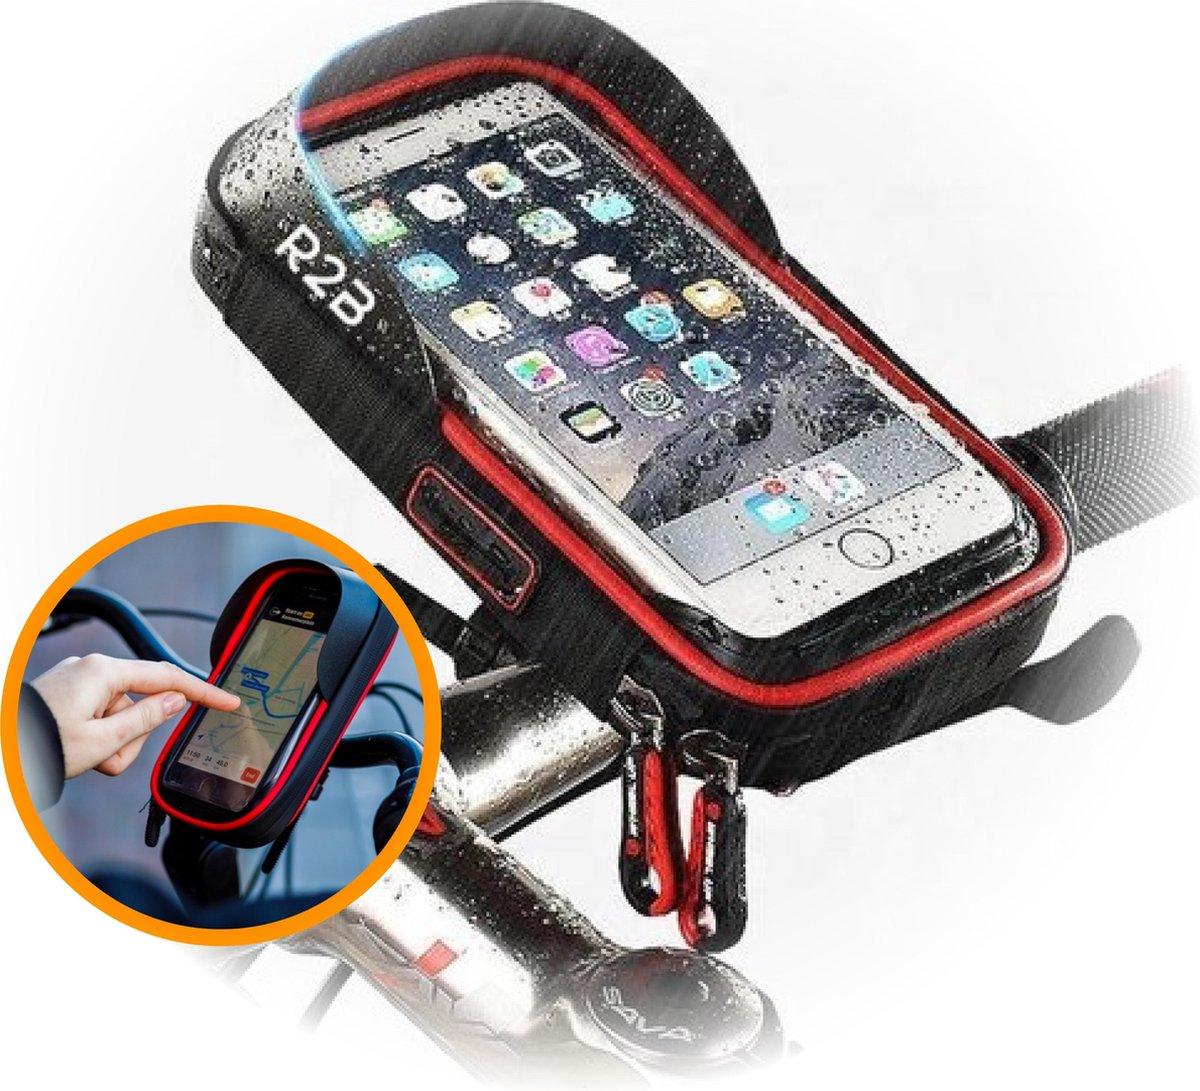 R2B Telefoonhouder Fiets Waterdicht met 360 graden rotatie - Universeel - Gsm houder fiets - Fiets t